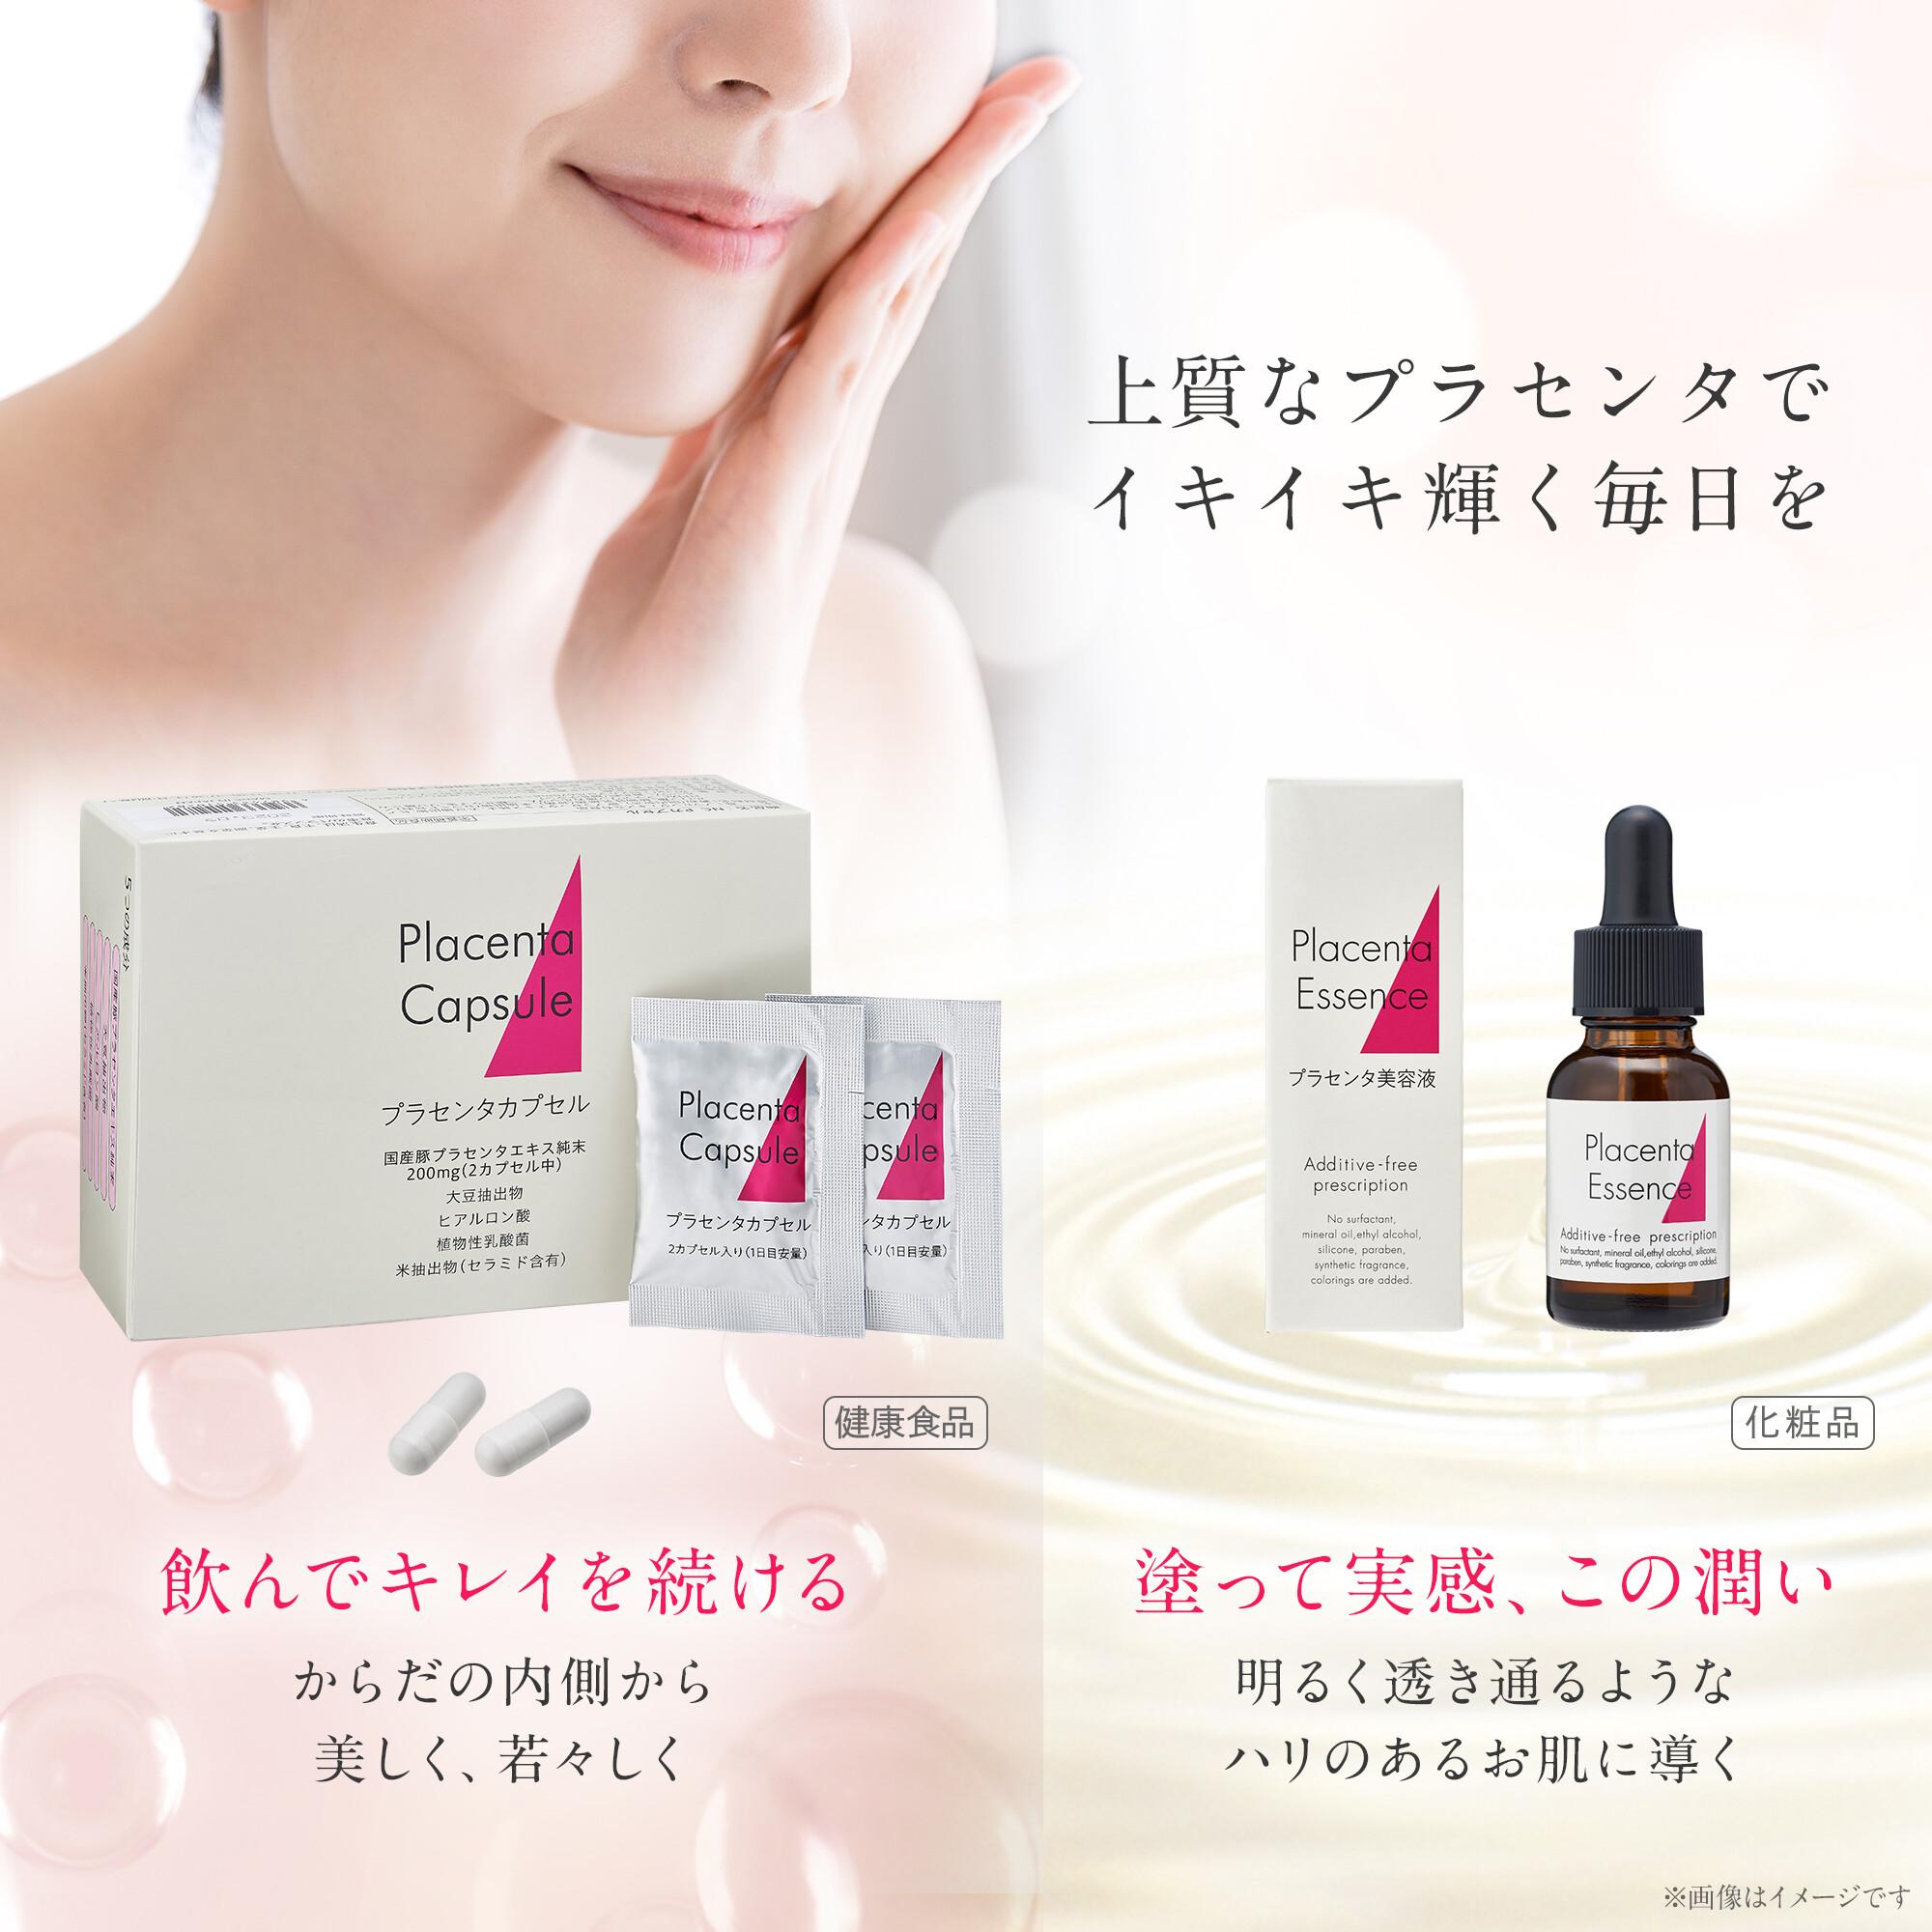 プラセンタシリーズ|日本調剤オンラインストア